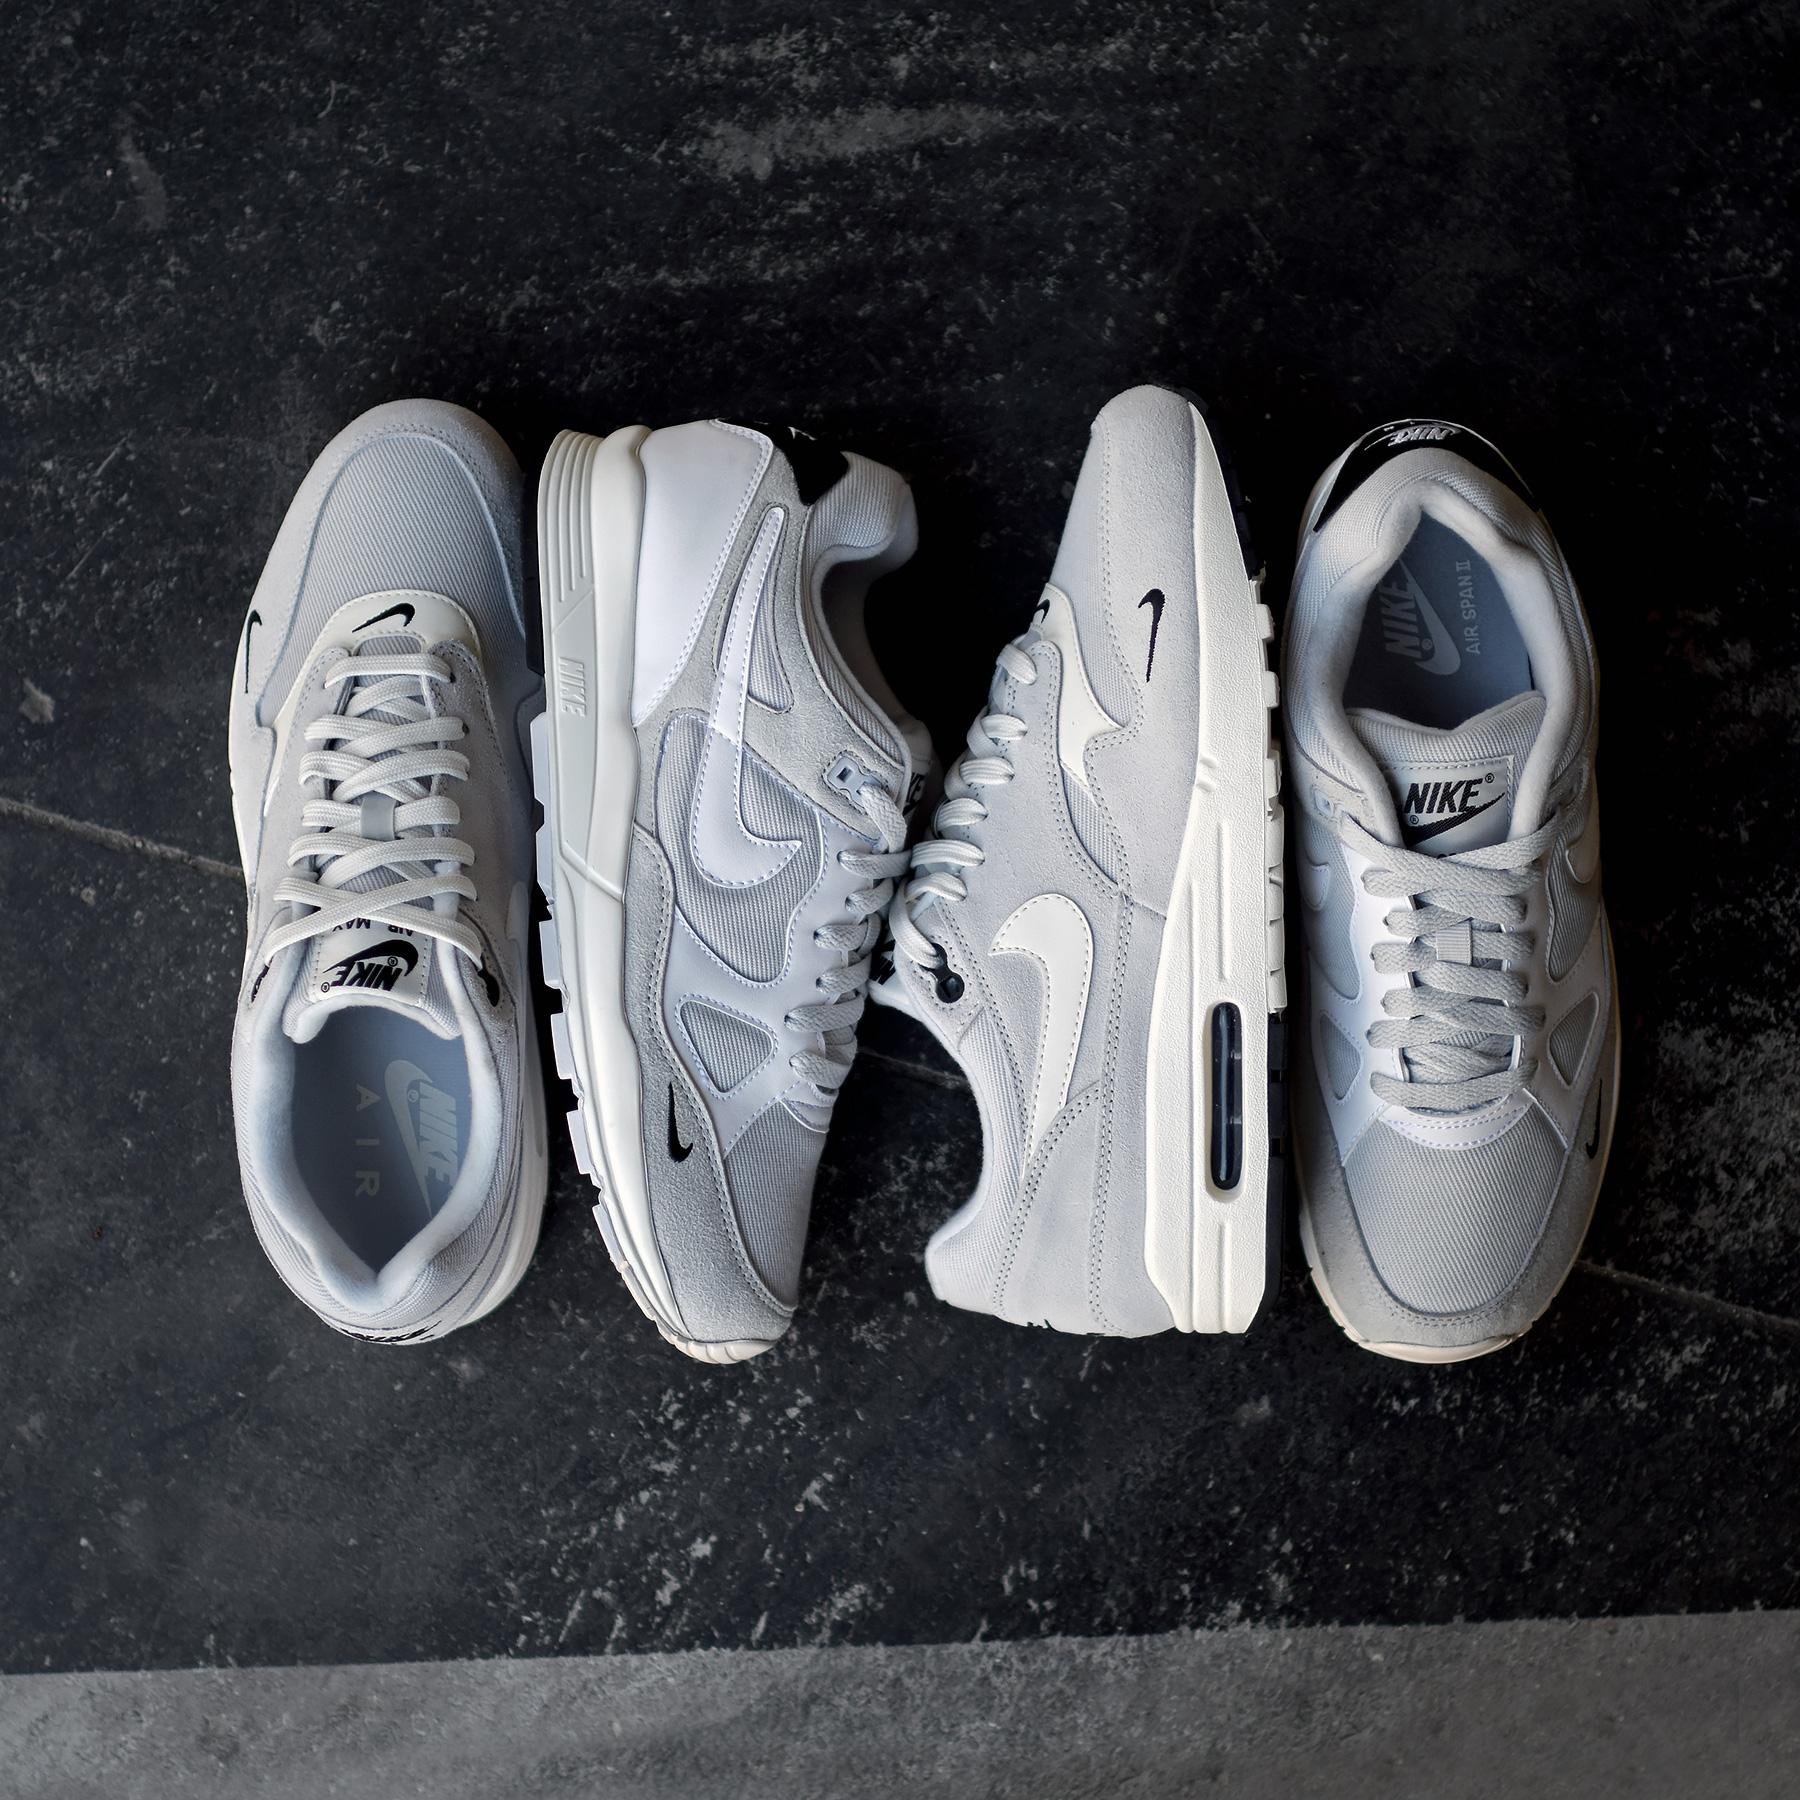 Nike Air Span & Air Max 1 Mini Swoosh Pack